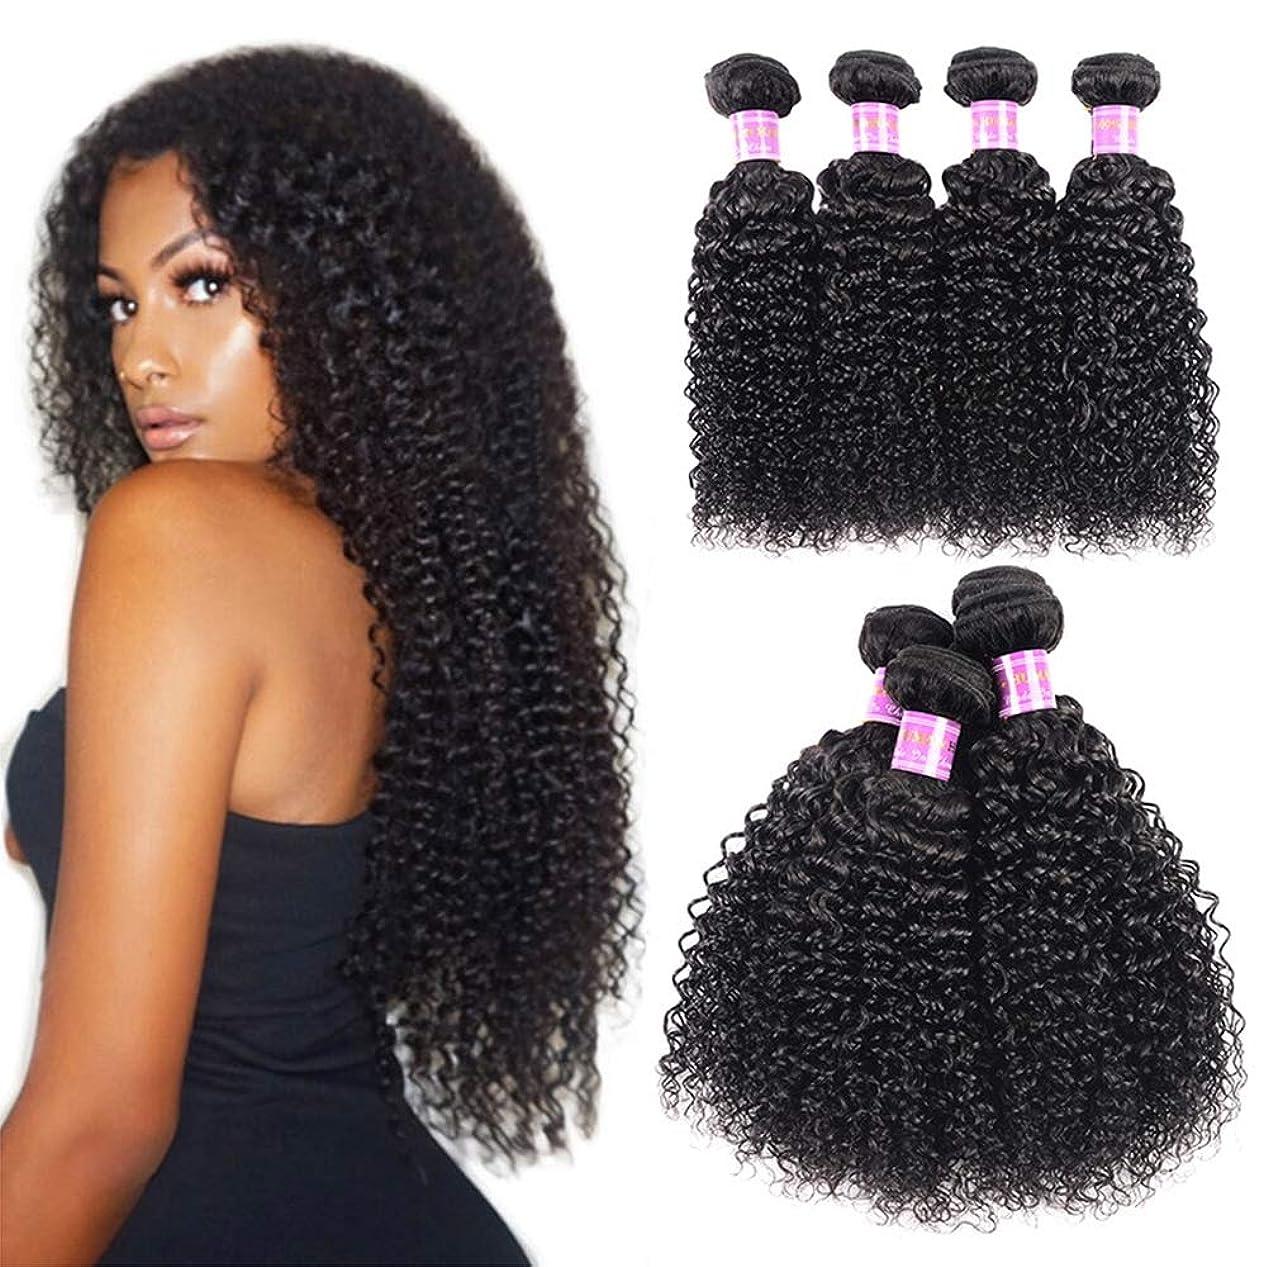 促す然とした近所の女性の髪織りブラジルボディウェーブ髪100%レミー人間の髪織り拡張機能未処理バージンブラジル髪(3バンドル)